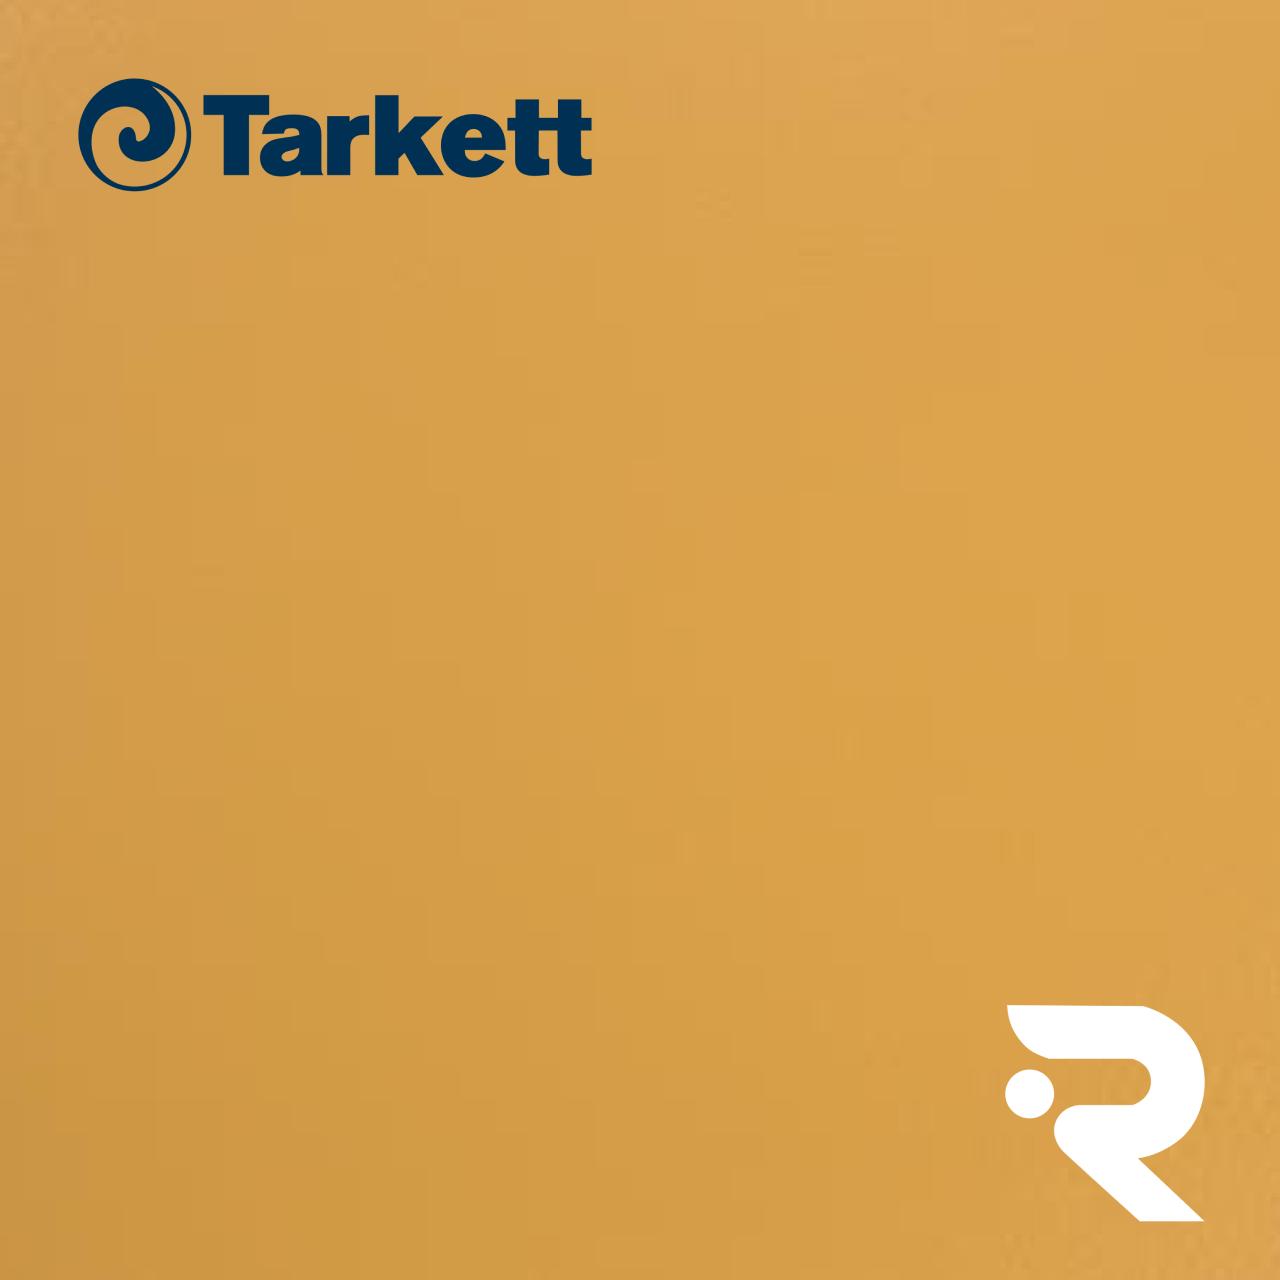 🏐 Спортивне покриття Tarkett   YELLOW   OMNISPORTS V35   2 х 20.5 м